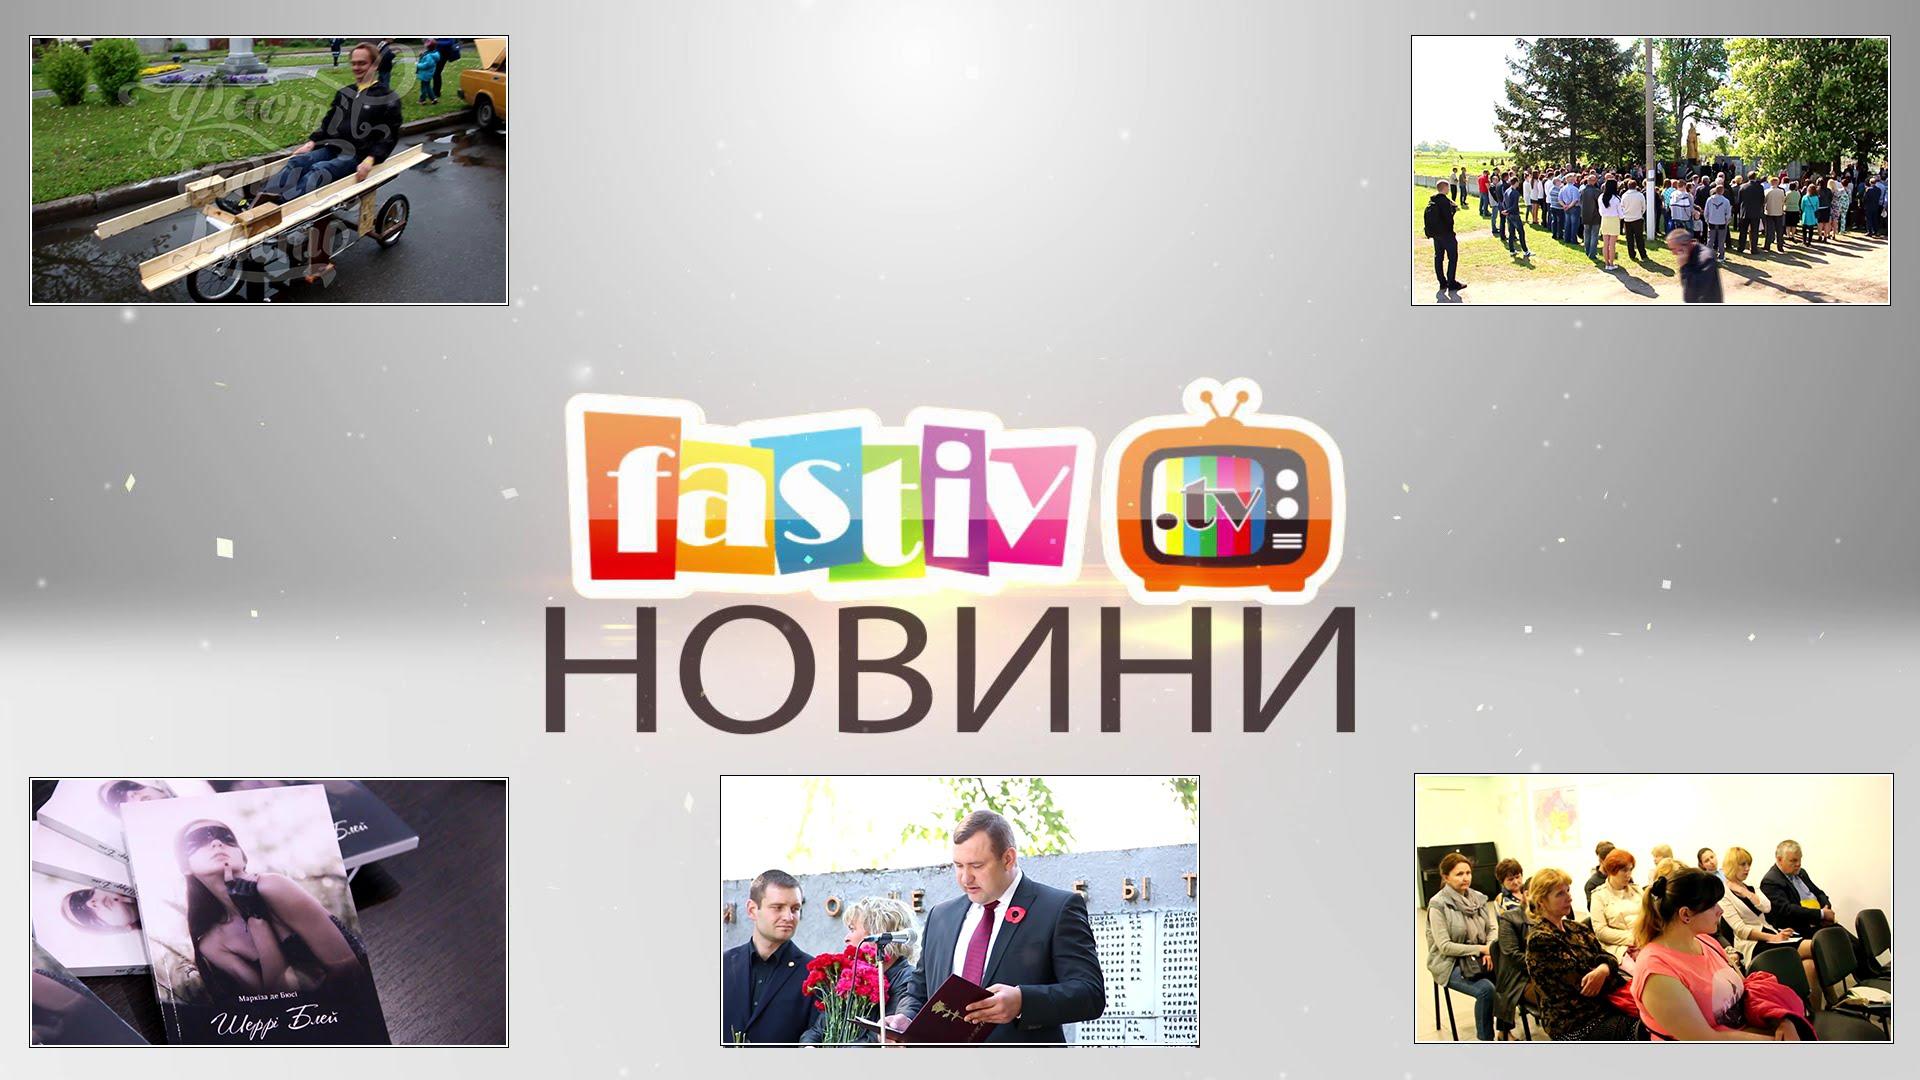 Тижневі підсумки новин від FASTIV.TV 16.05.2016